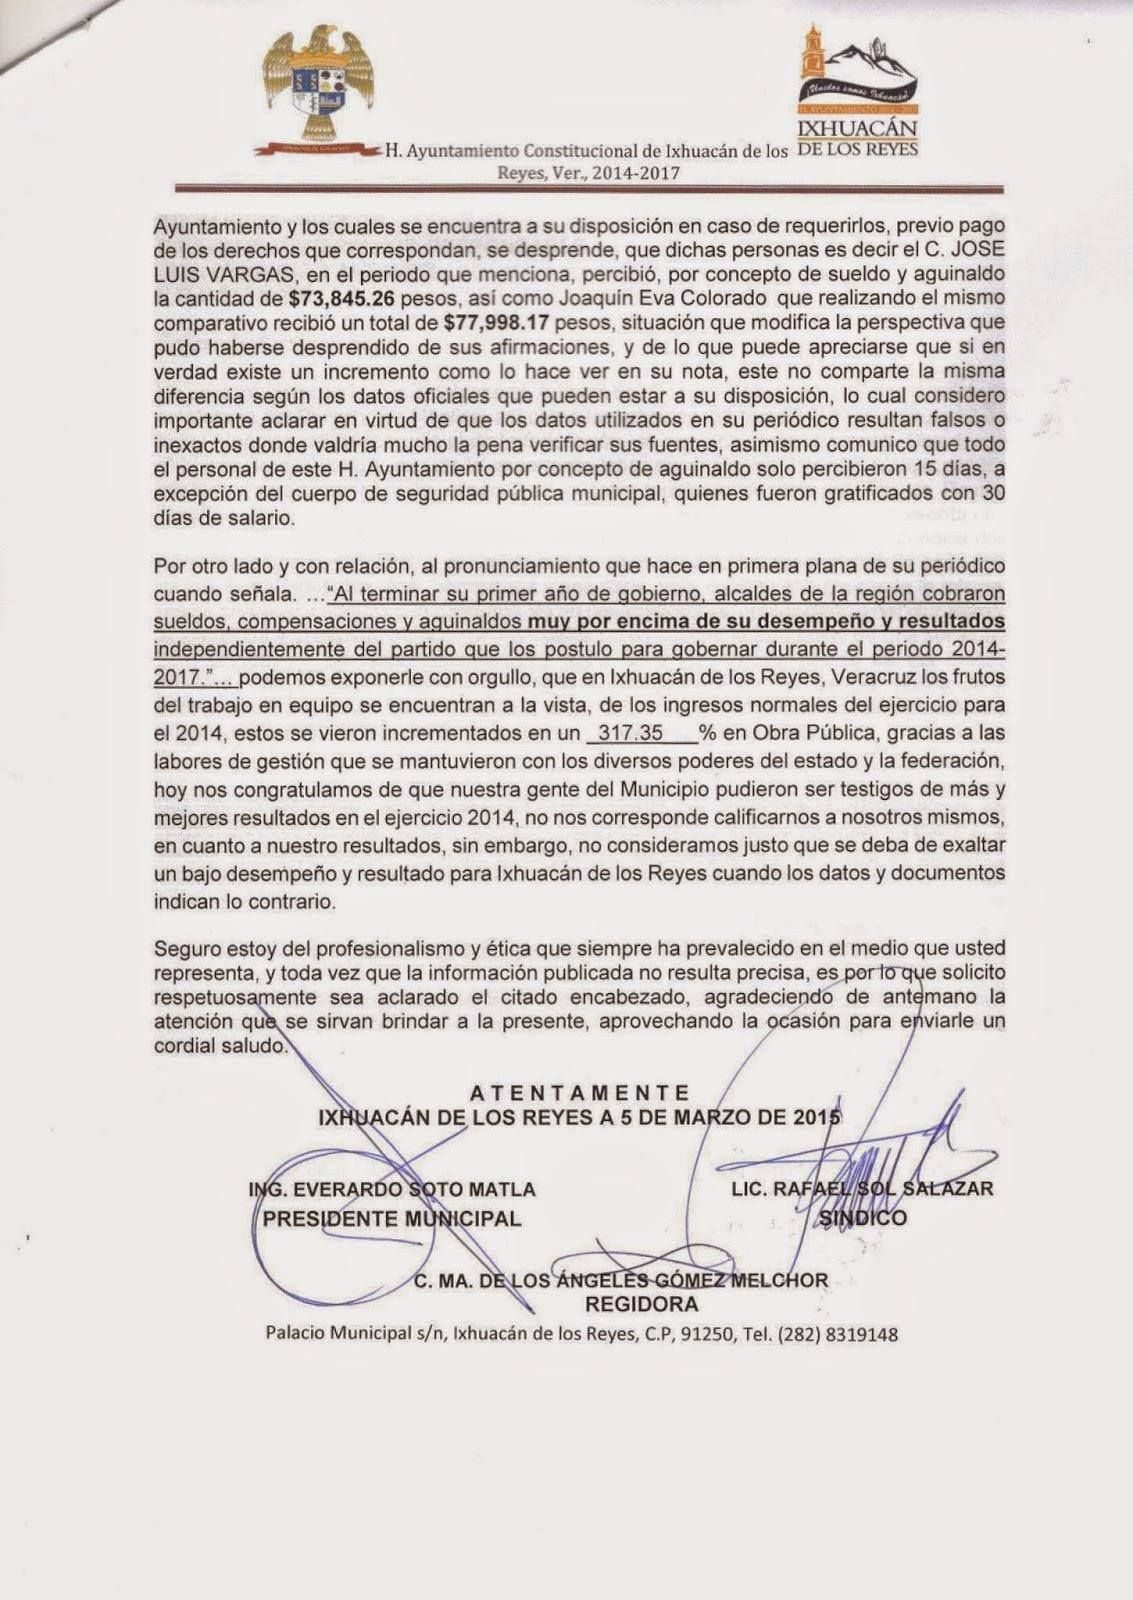 Periodico Altavoz 15 03 15